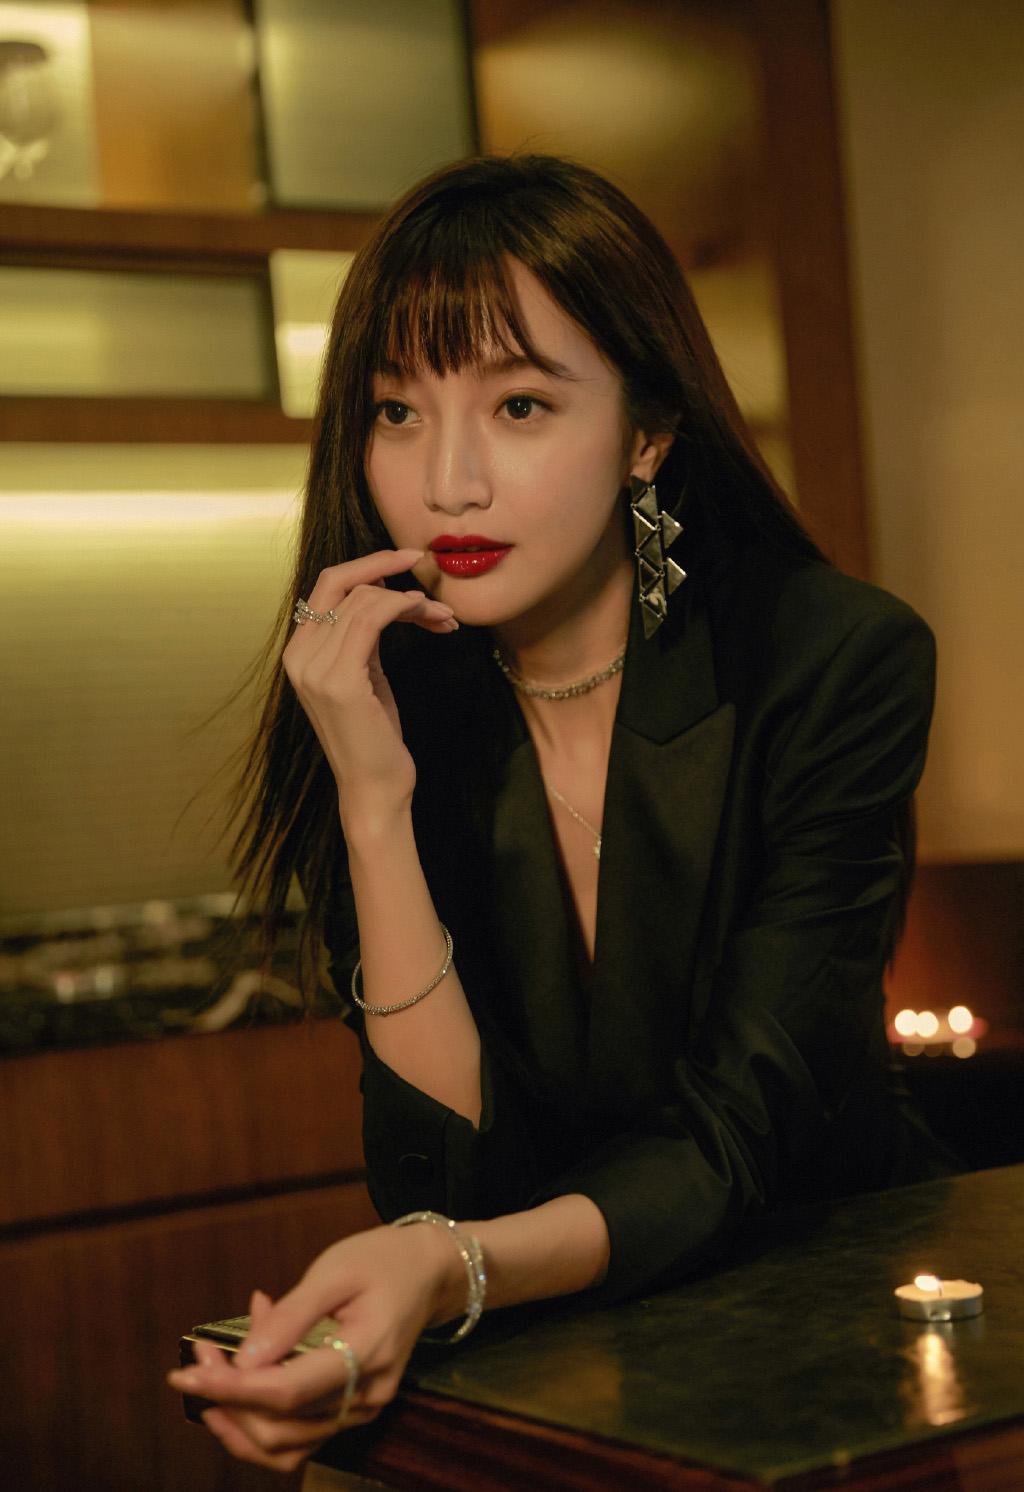 郑雅文西装短裙妩媚写真图片